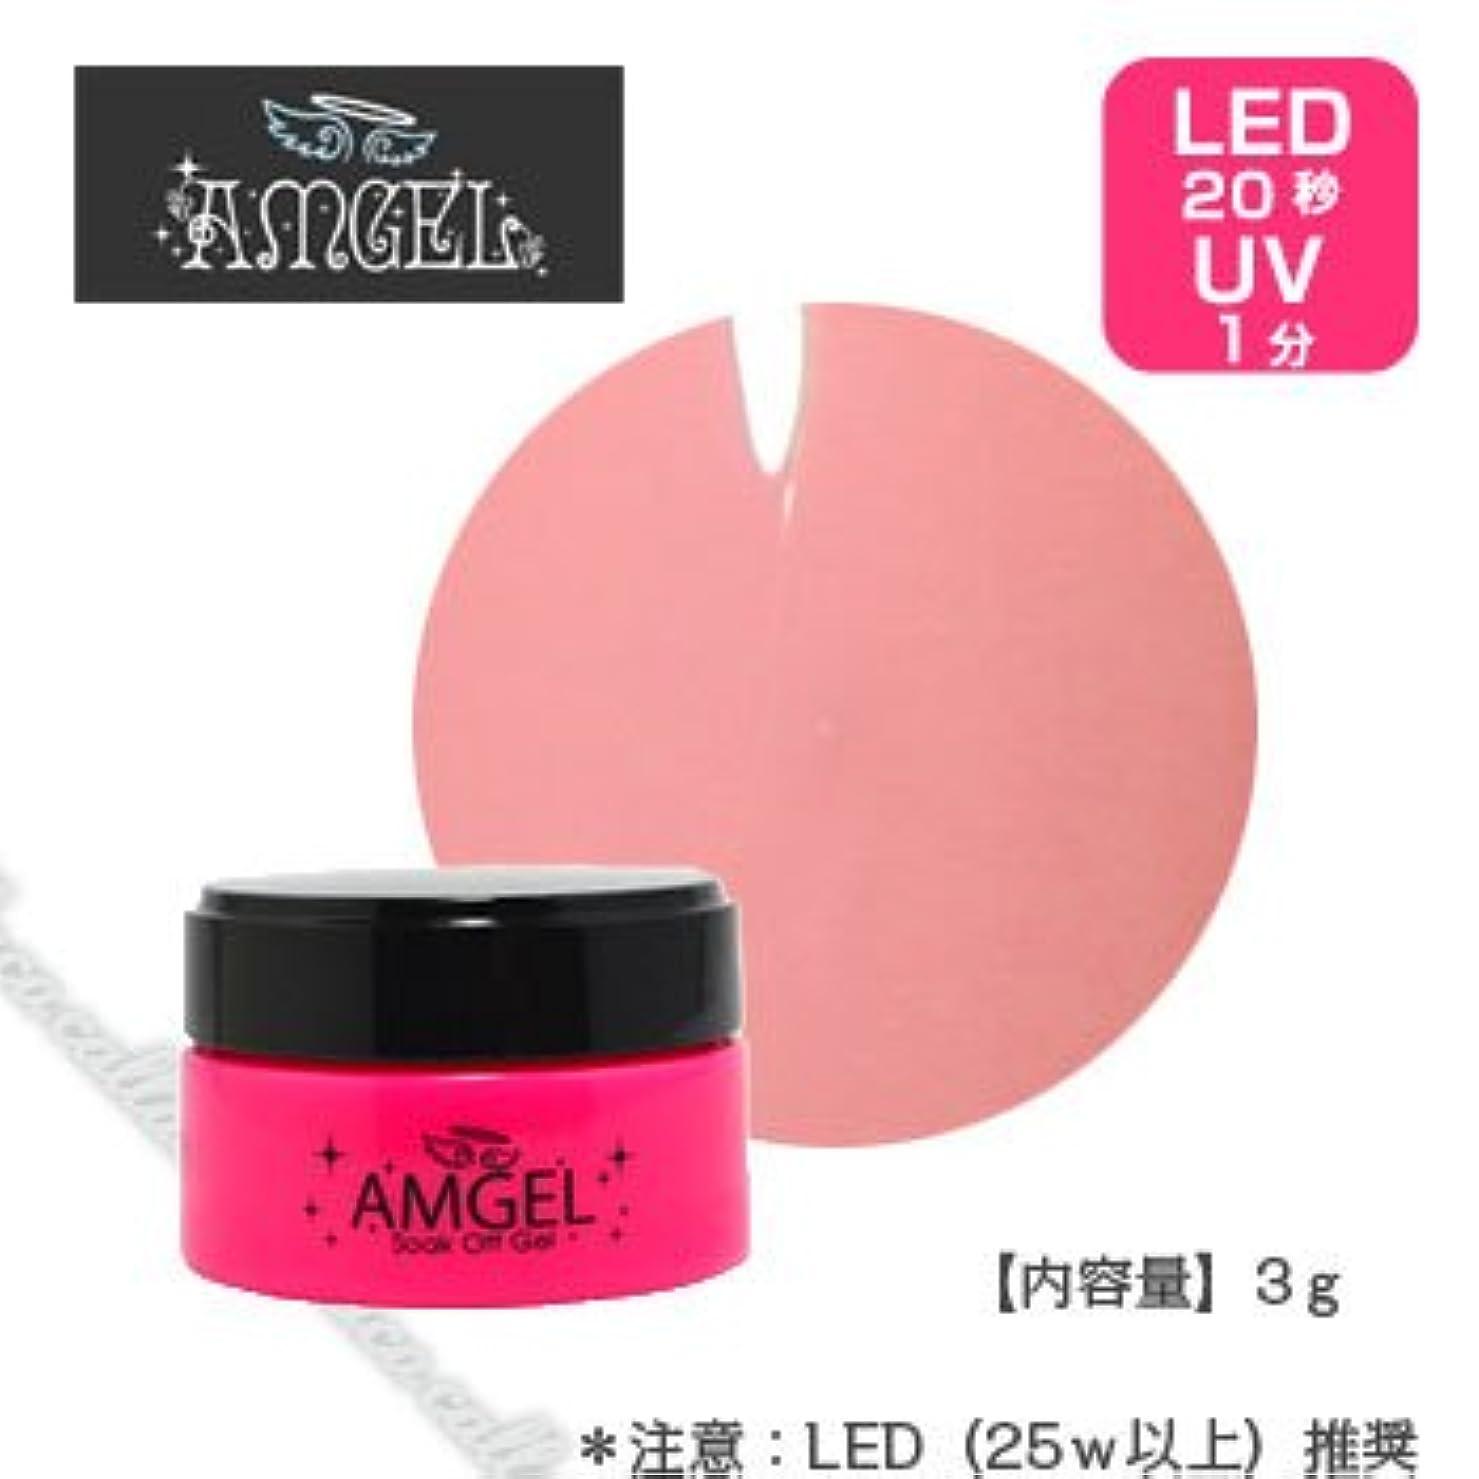 軌道チャペルケージアンジェル( AMGEL)  カラージェル   AL9M オリンピンク 3g